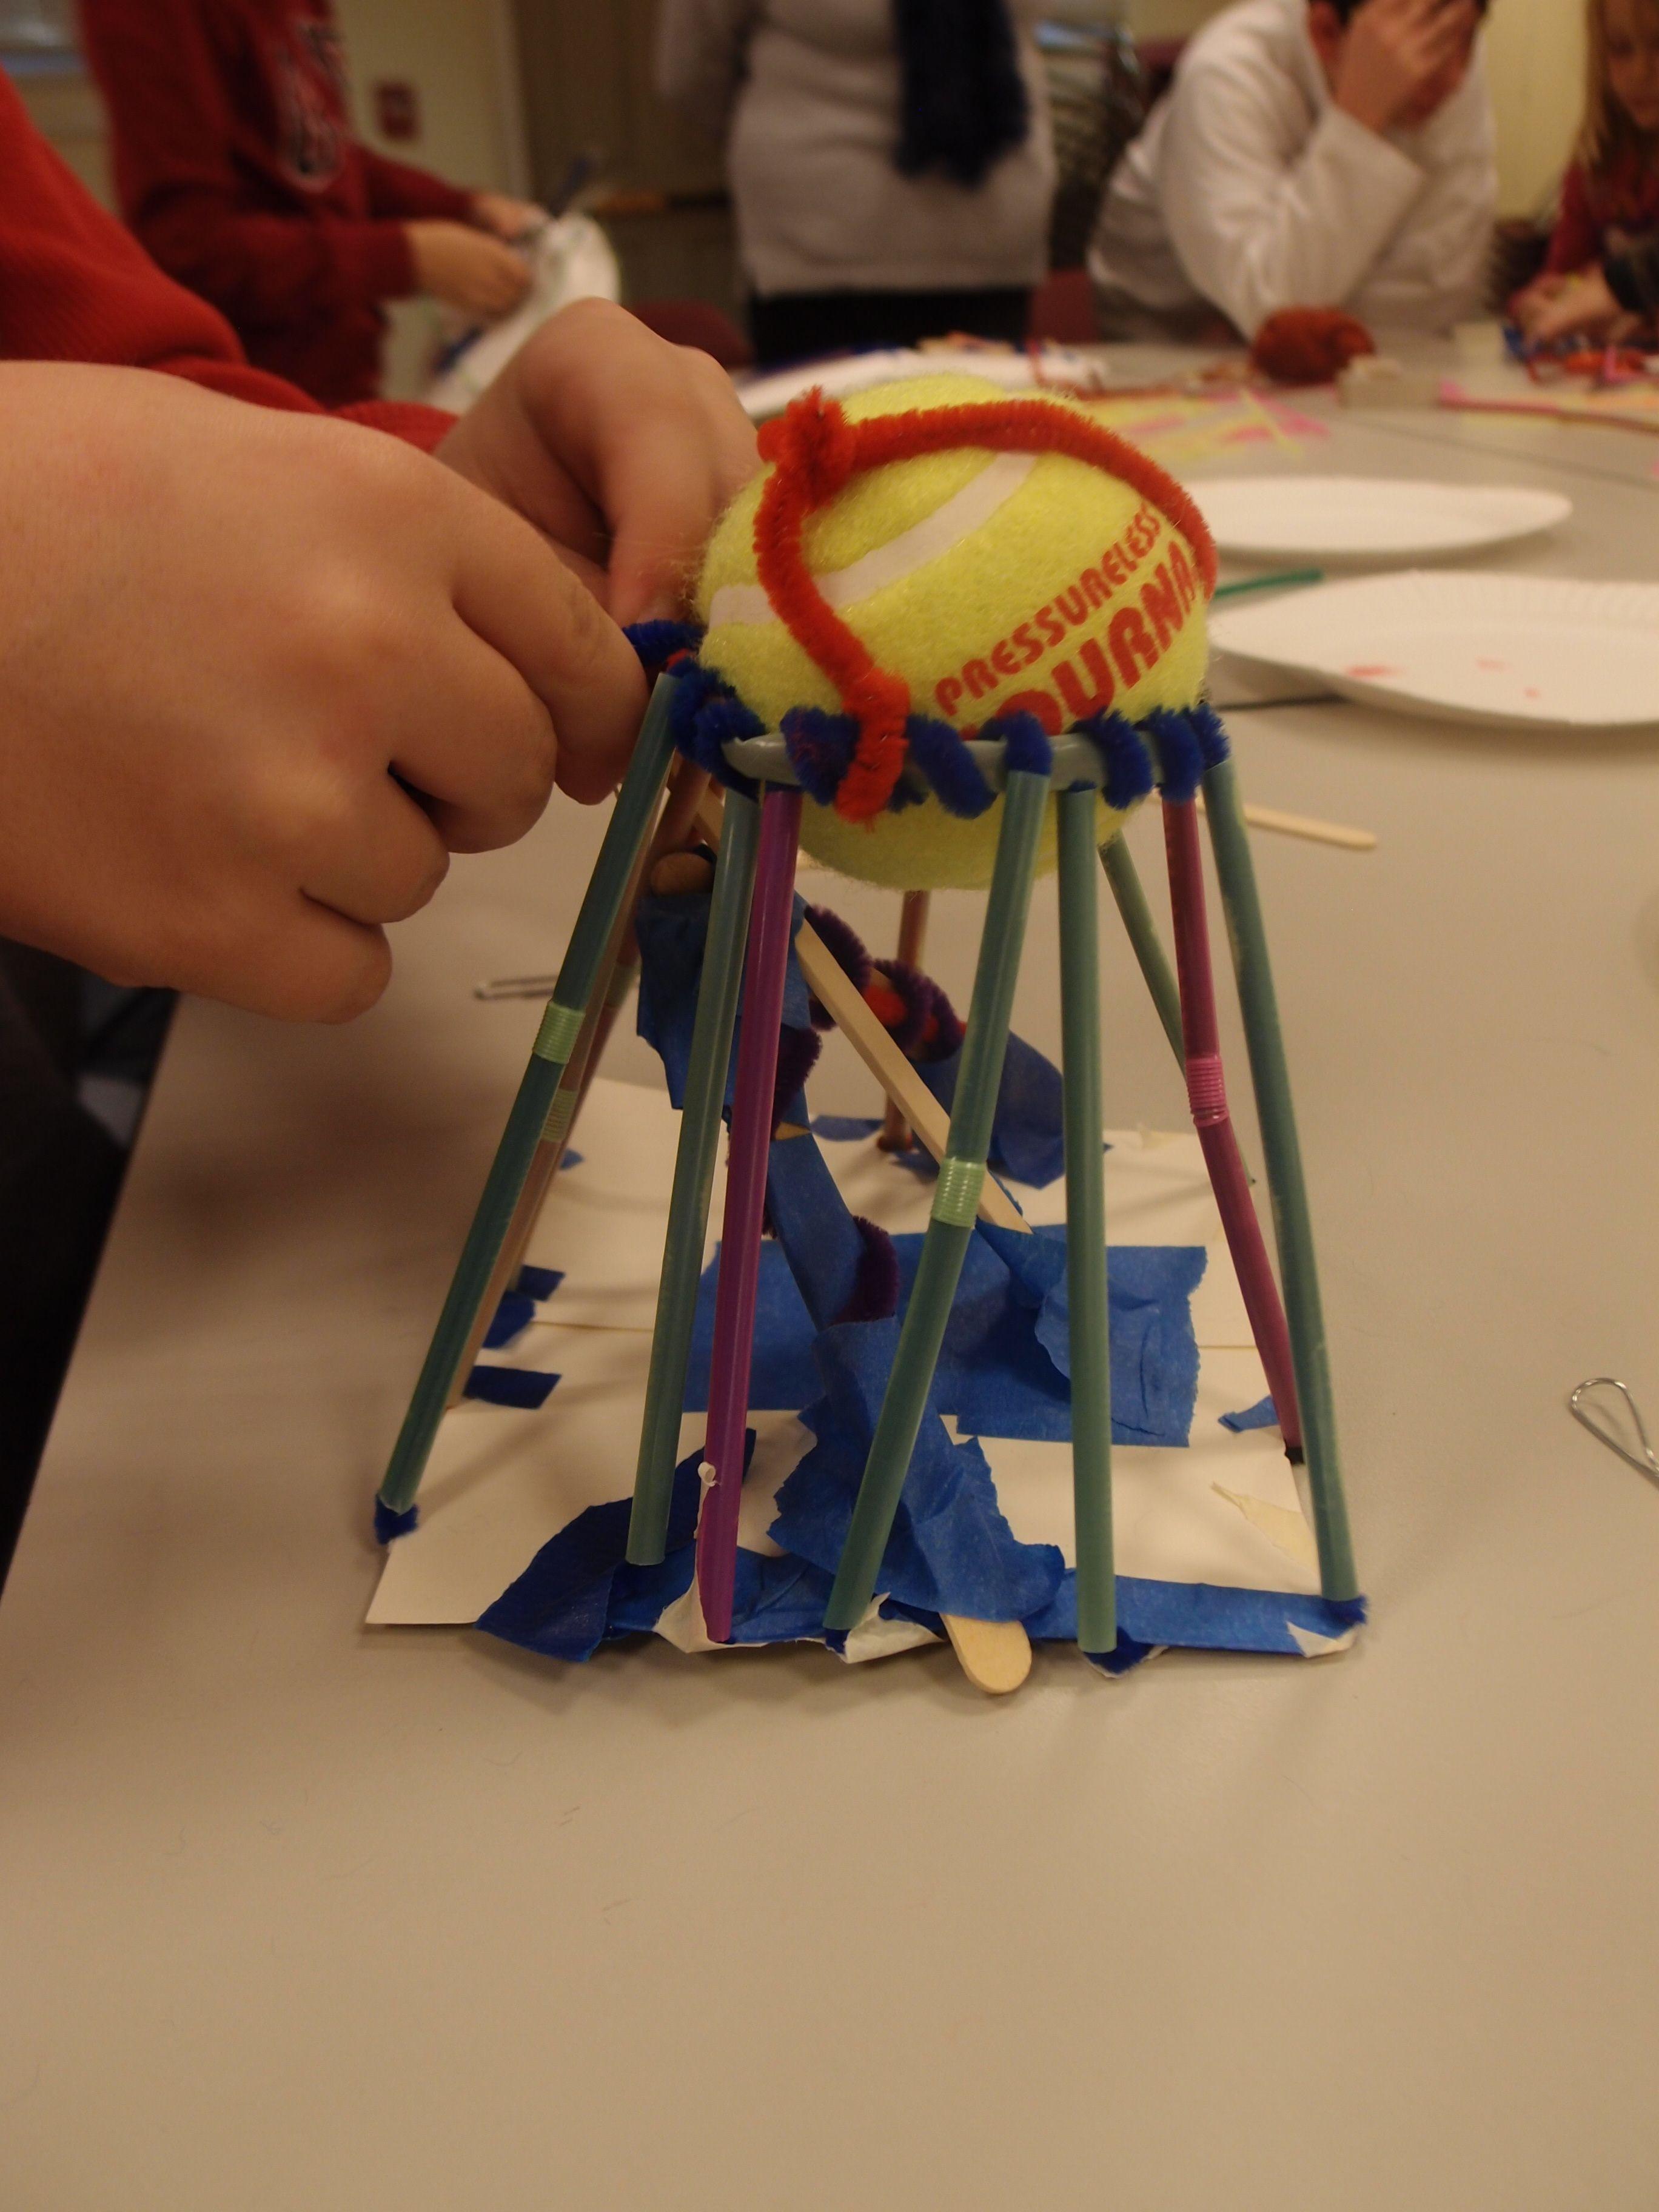 Engineering Challenge Hurricane Towers